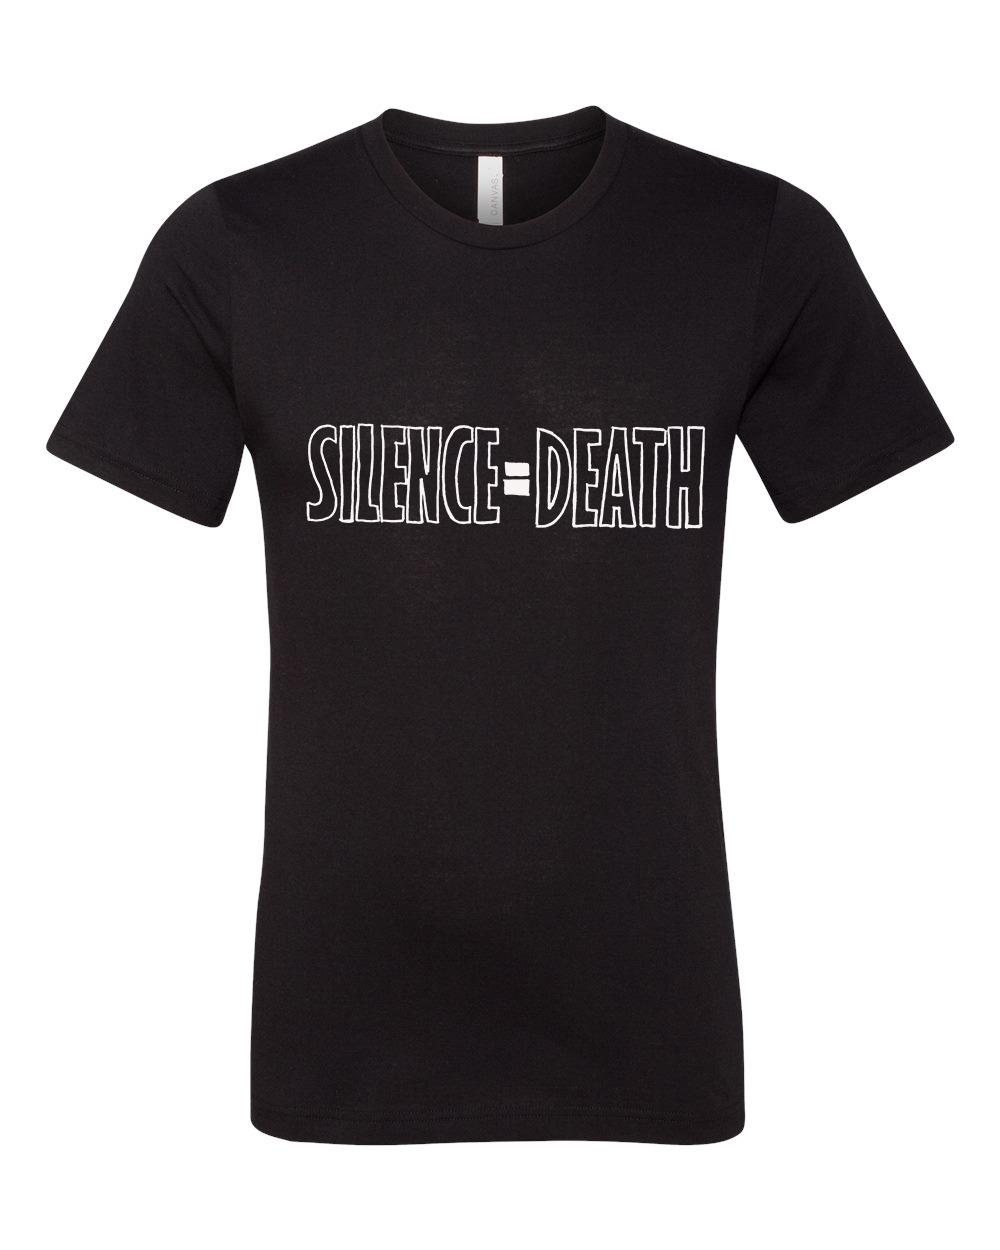 Silence = Death (HOS Design)